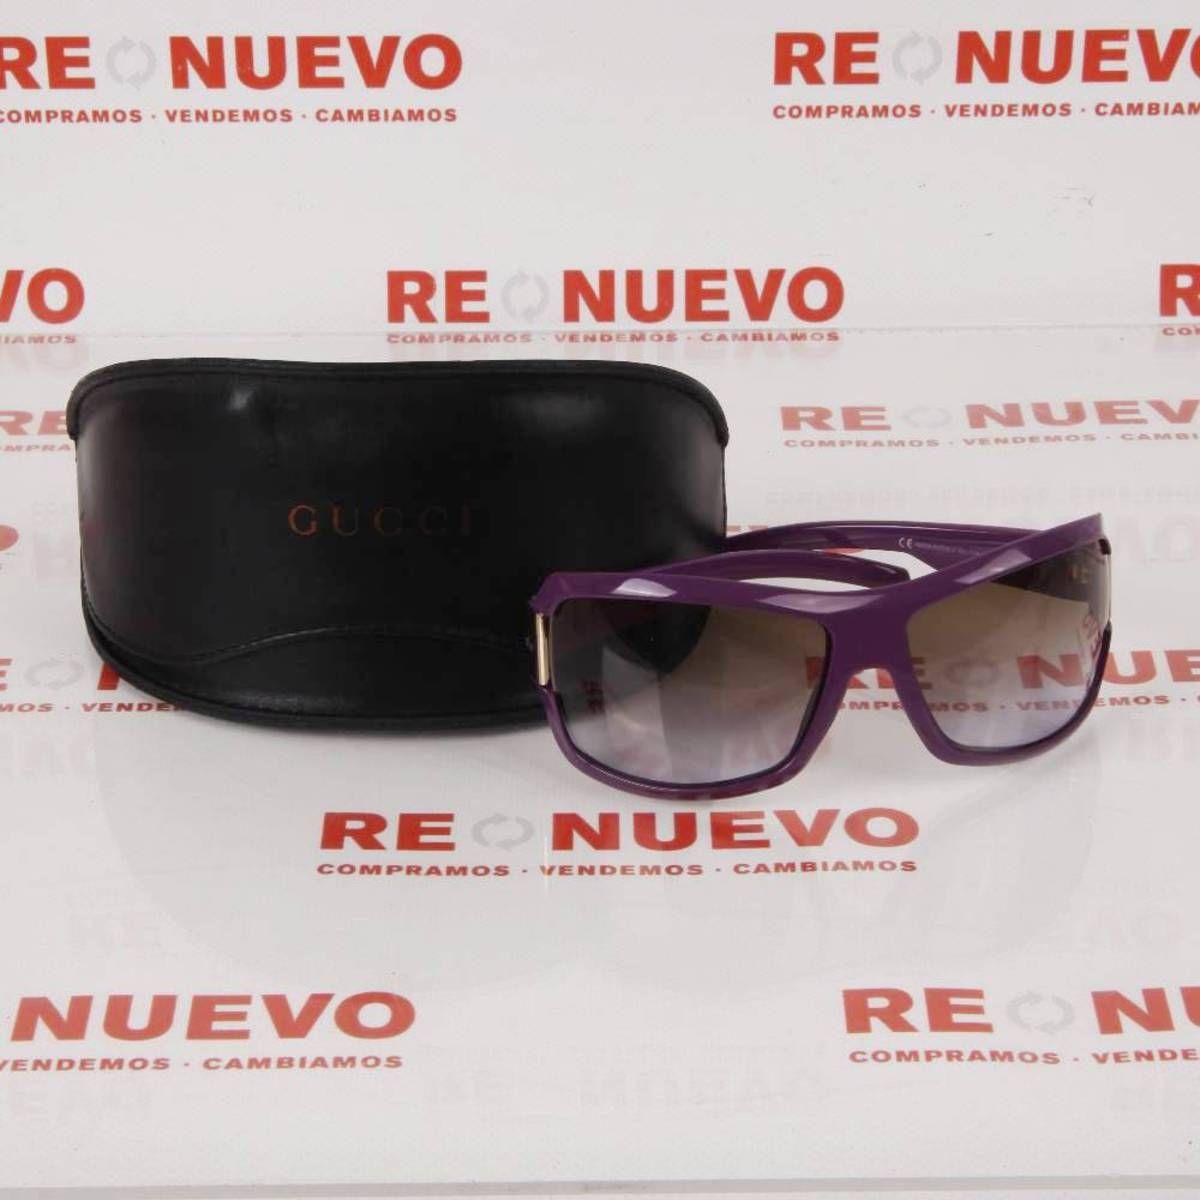 6d910b9ef8 #Gafas #GUCCI #GG1546/S de segunda mano E271987 | Tienda online de segunda  mano en Barcelona Re-Nuevo #segundamano